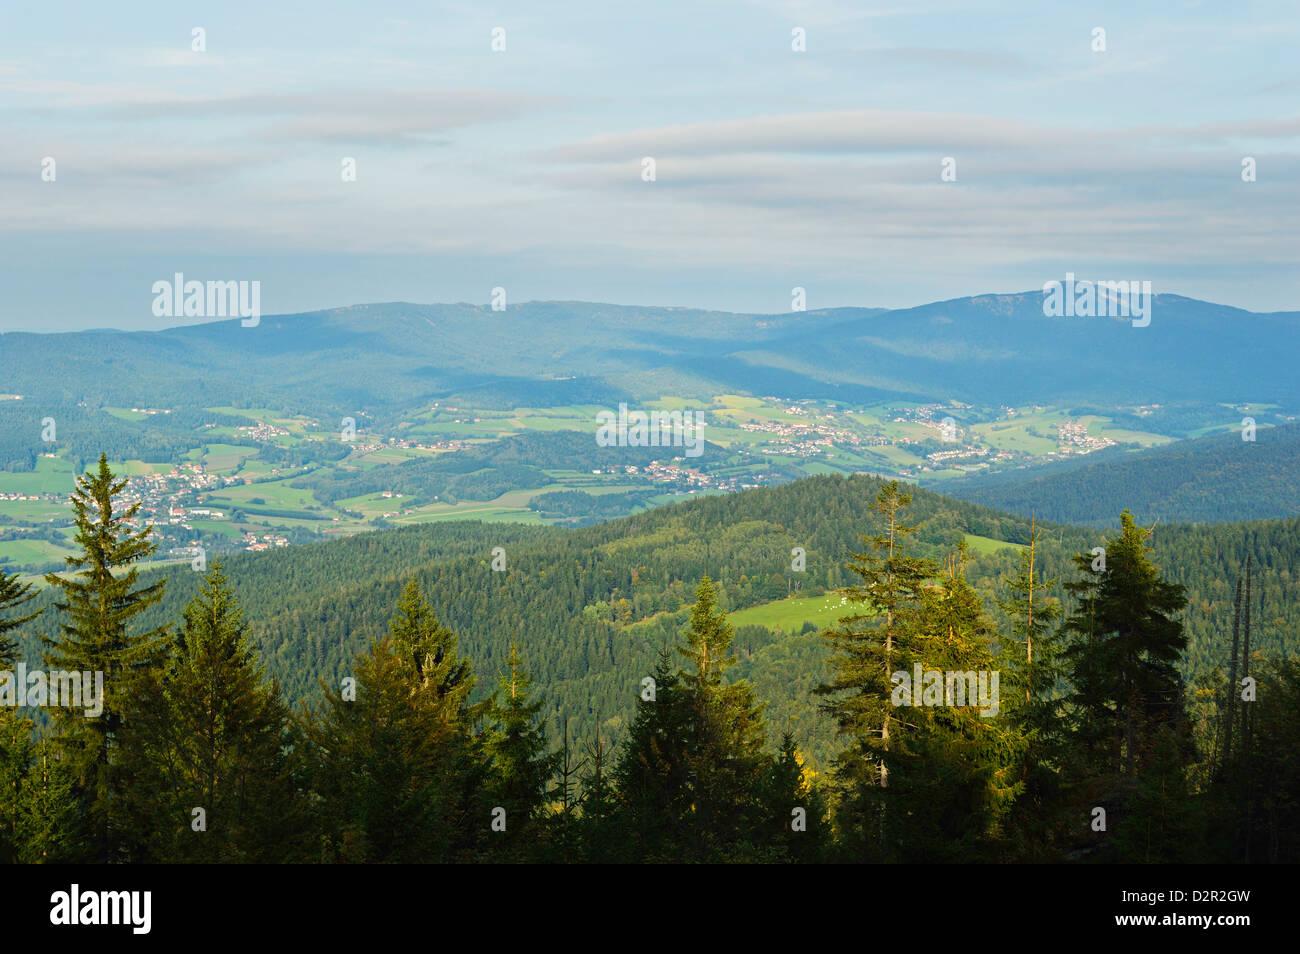 Ansicht des Bayerischen Waldes, in der Nähe von Furth Im Wald, Bayern, Deutschland, Europa Stockbild